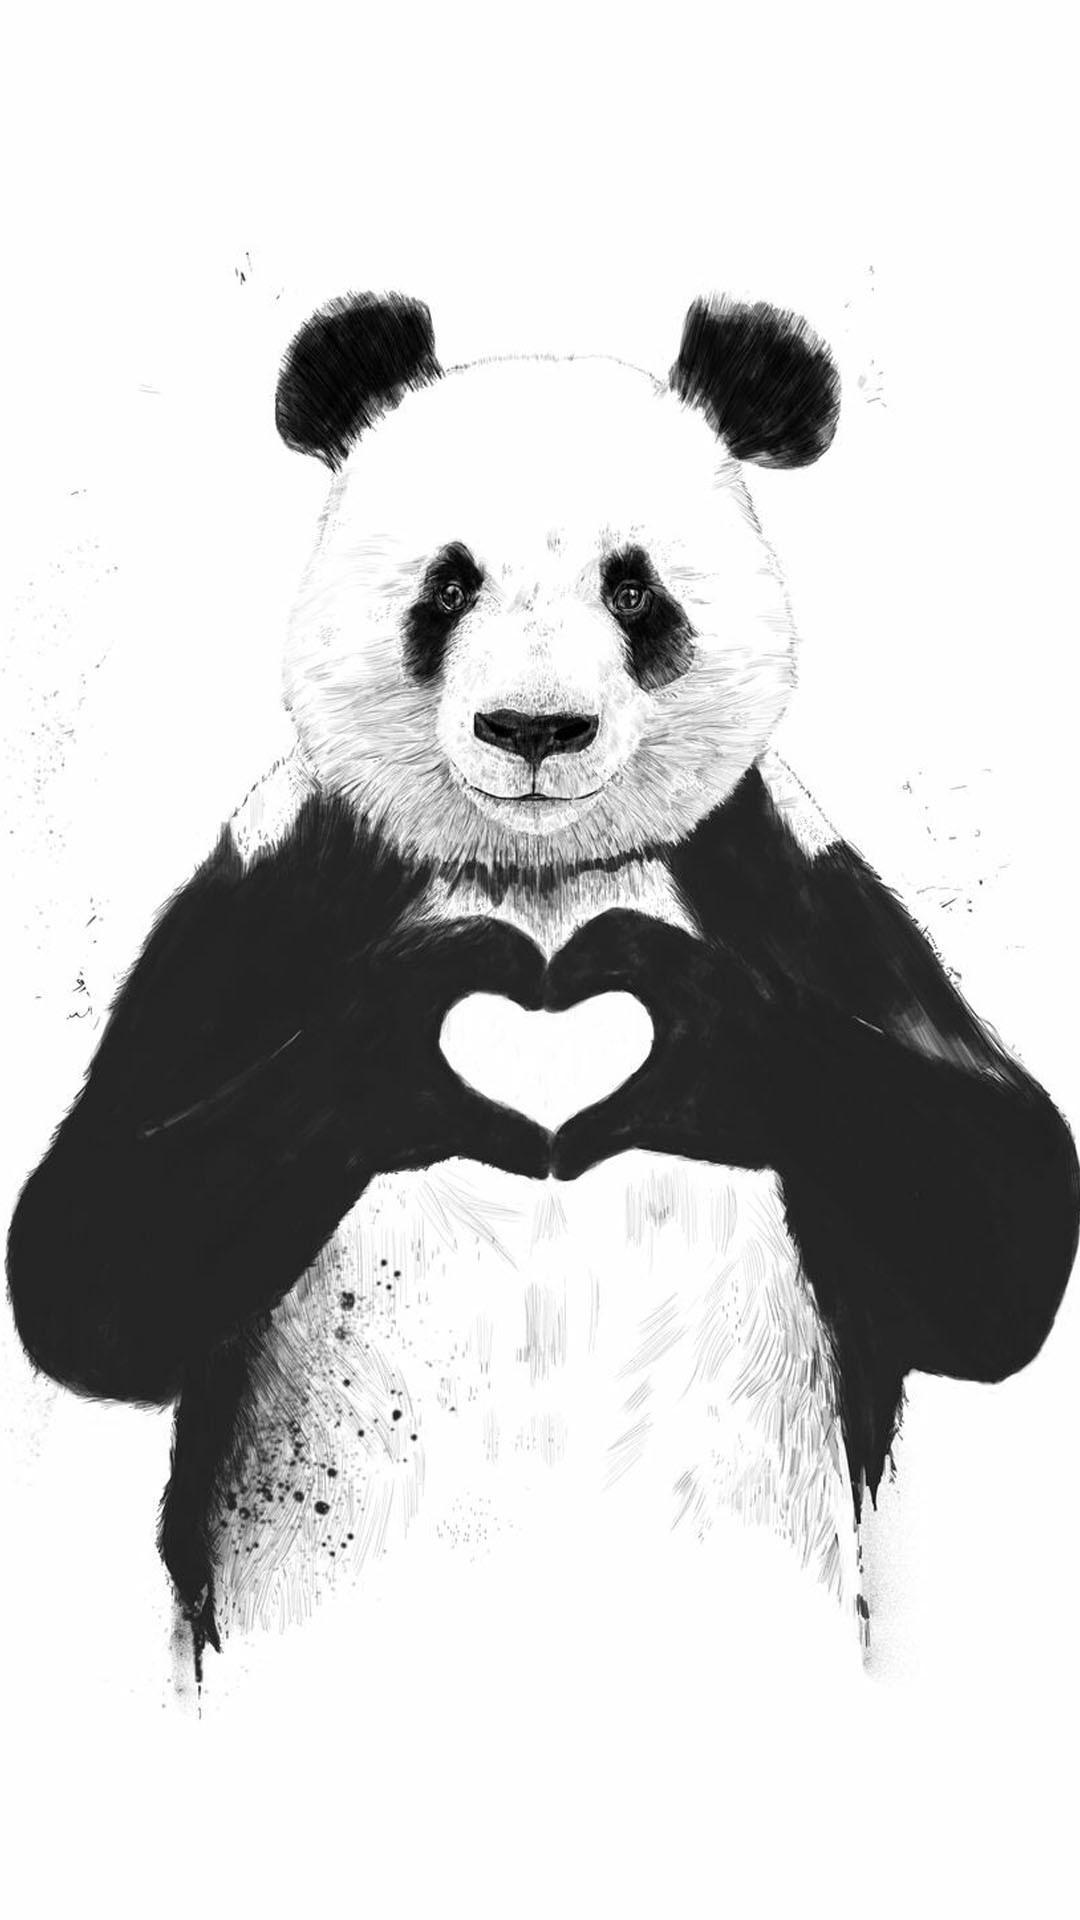 1080x1920, Iphone Wallpaper Panda Heart Panda   Data - Love Wallpaper Panda - HD Wallpaper